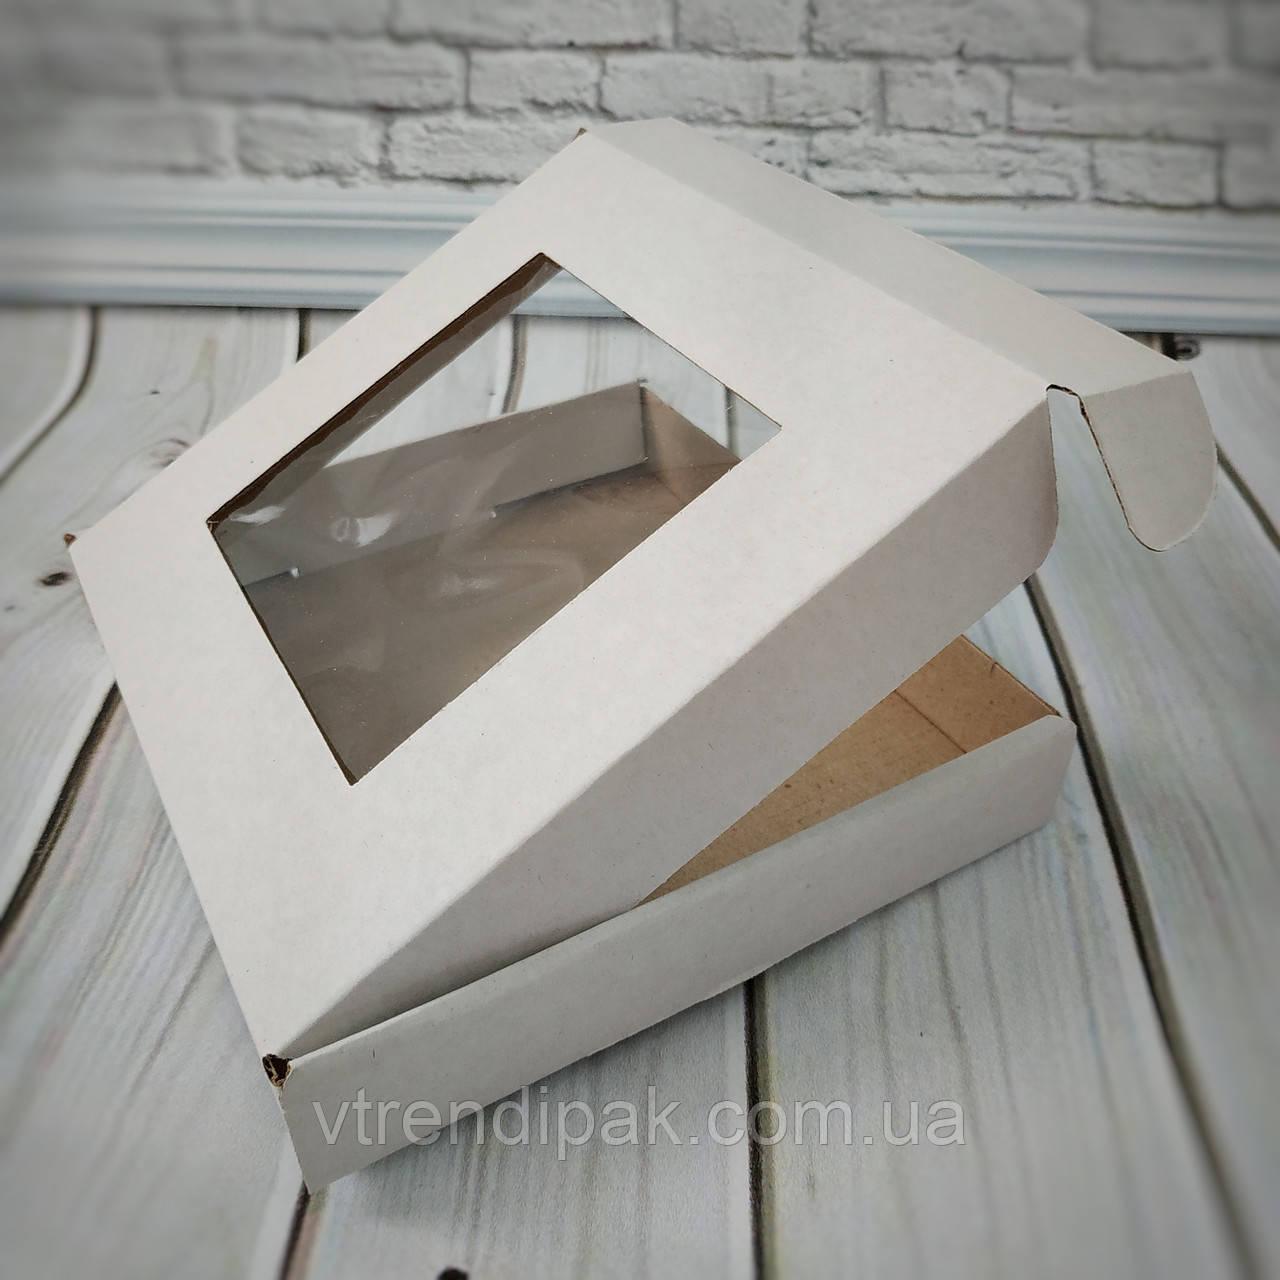 Коробка для пряника 155*152*26 біла з вікном (плівка ПВХ)